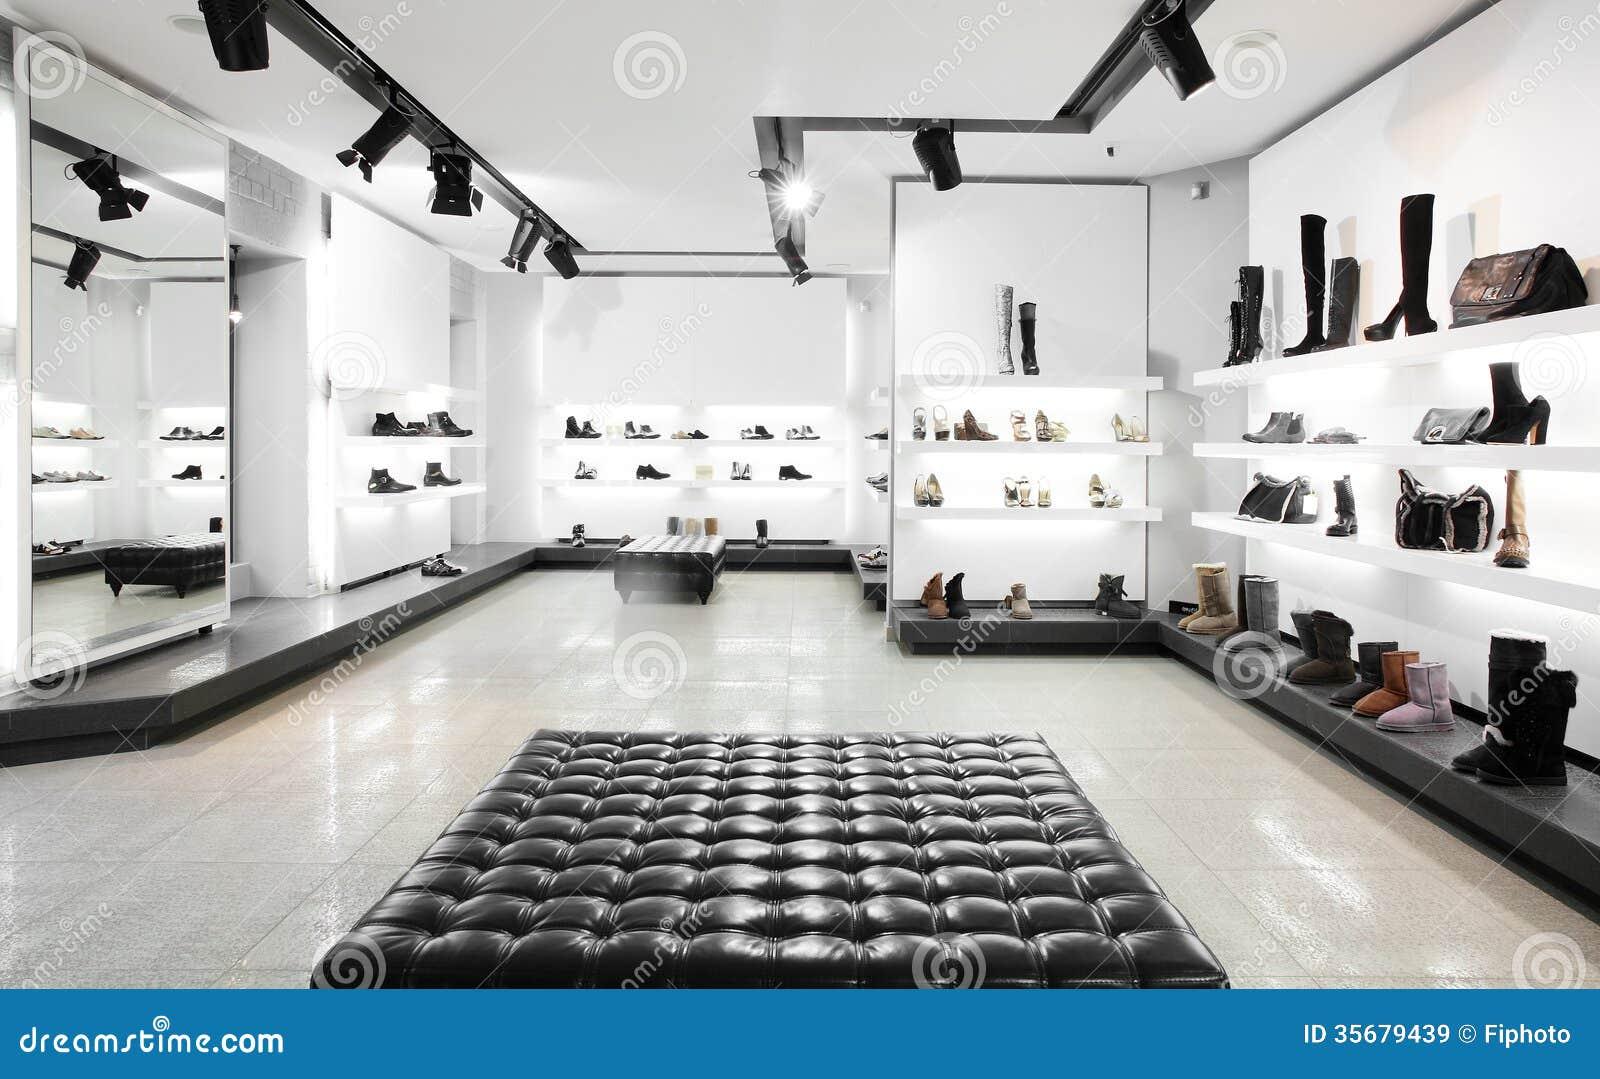 magasin de chaussures de luxe avec l 39 int rieur lumineux images libres de droits image 35679439. Black Bedroom Furniture Sets. Home Design Ideas